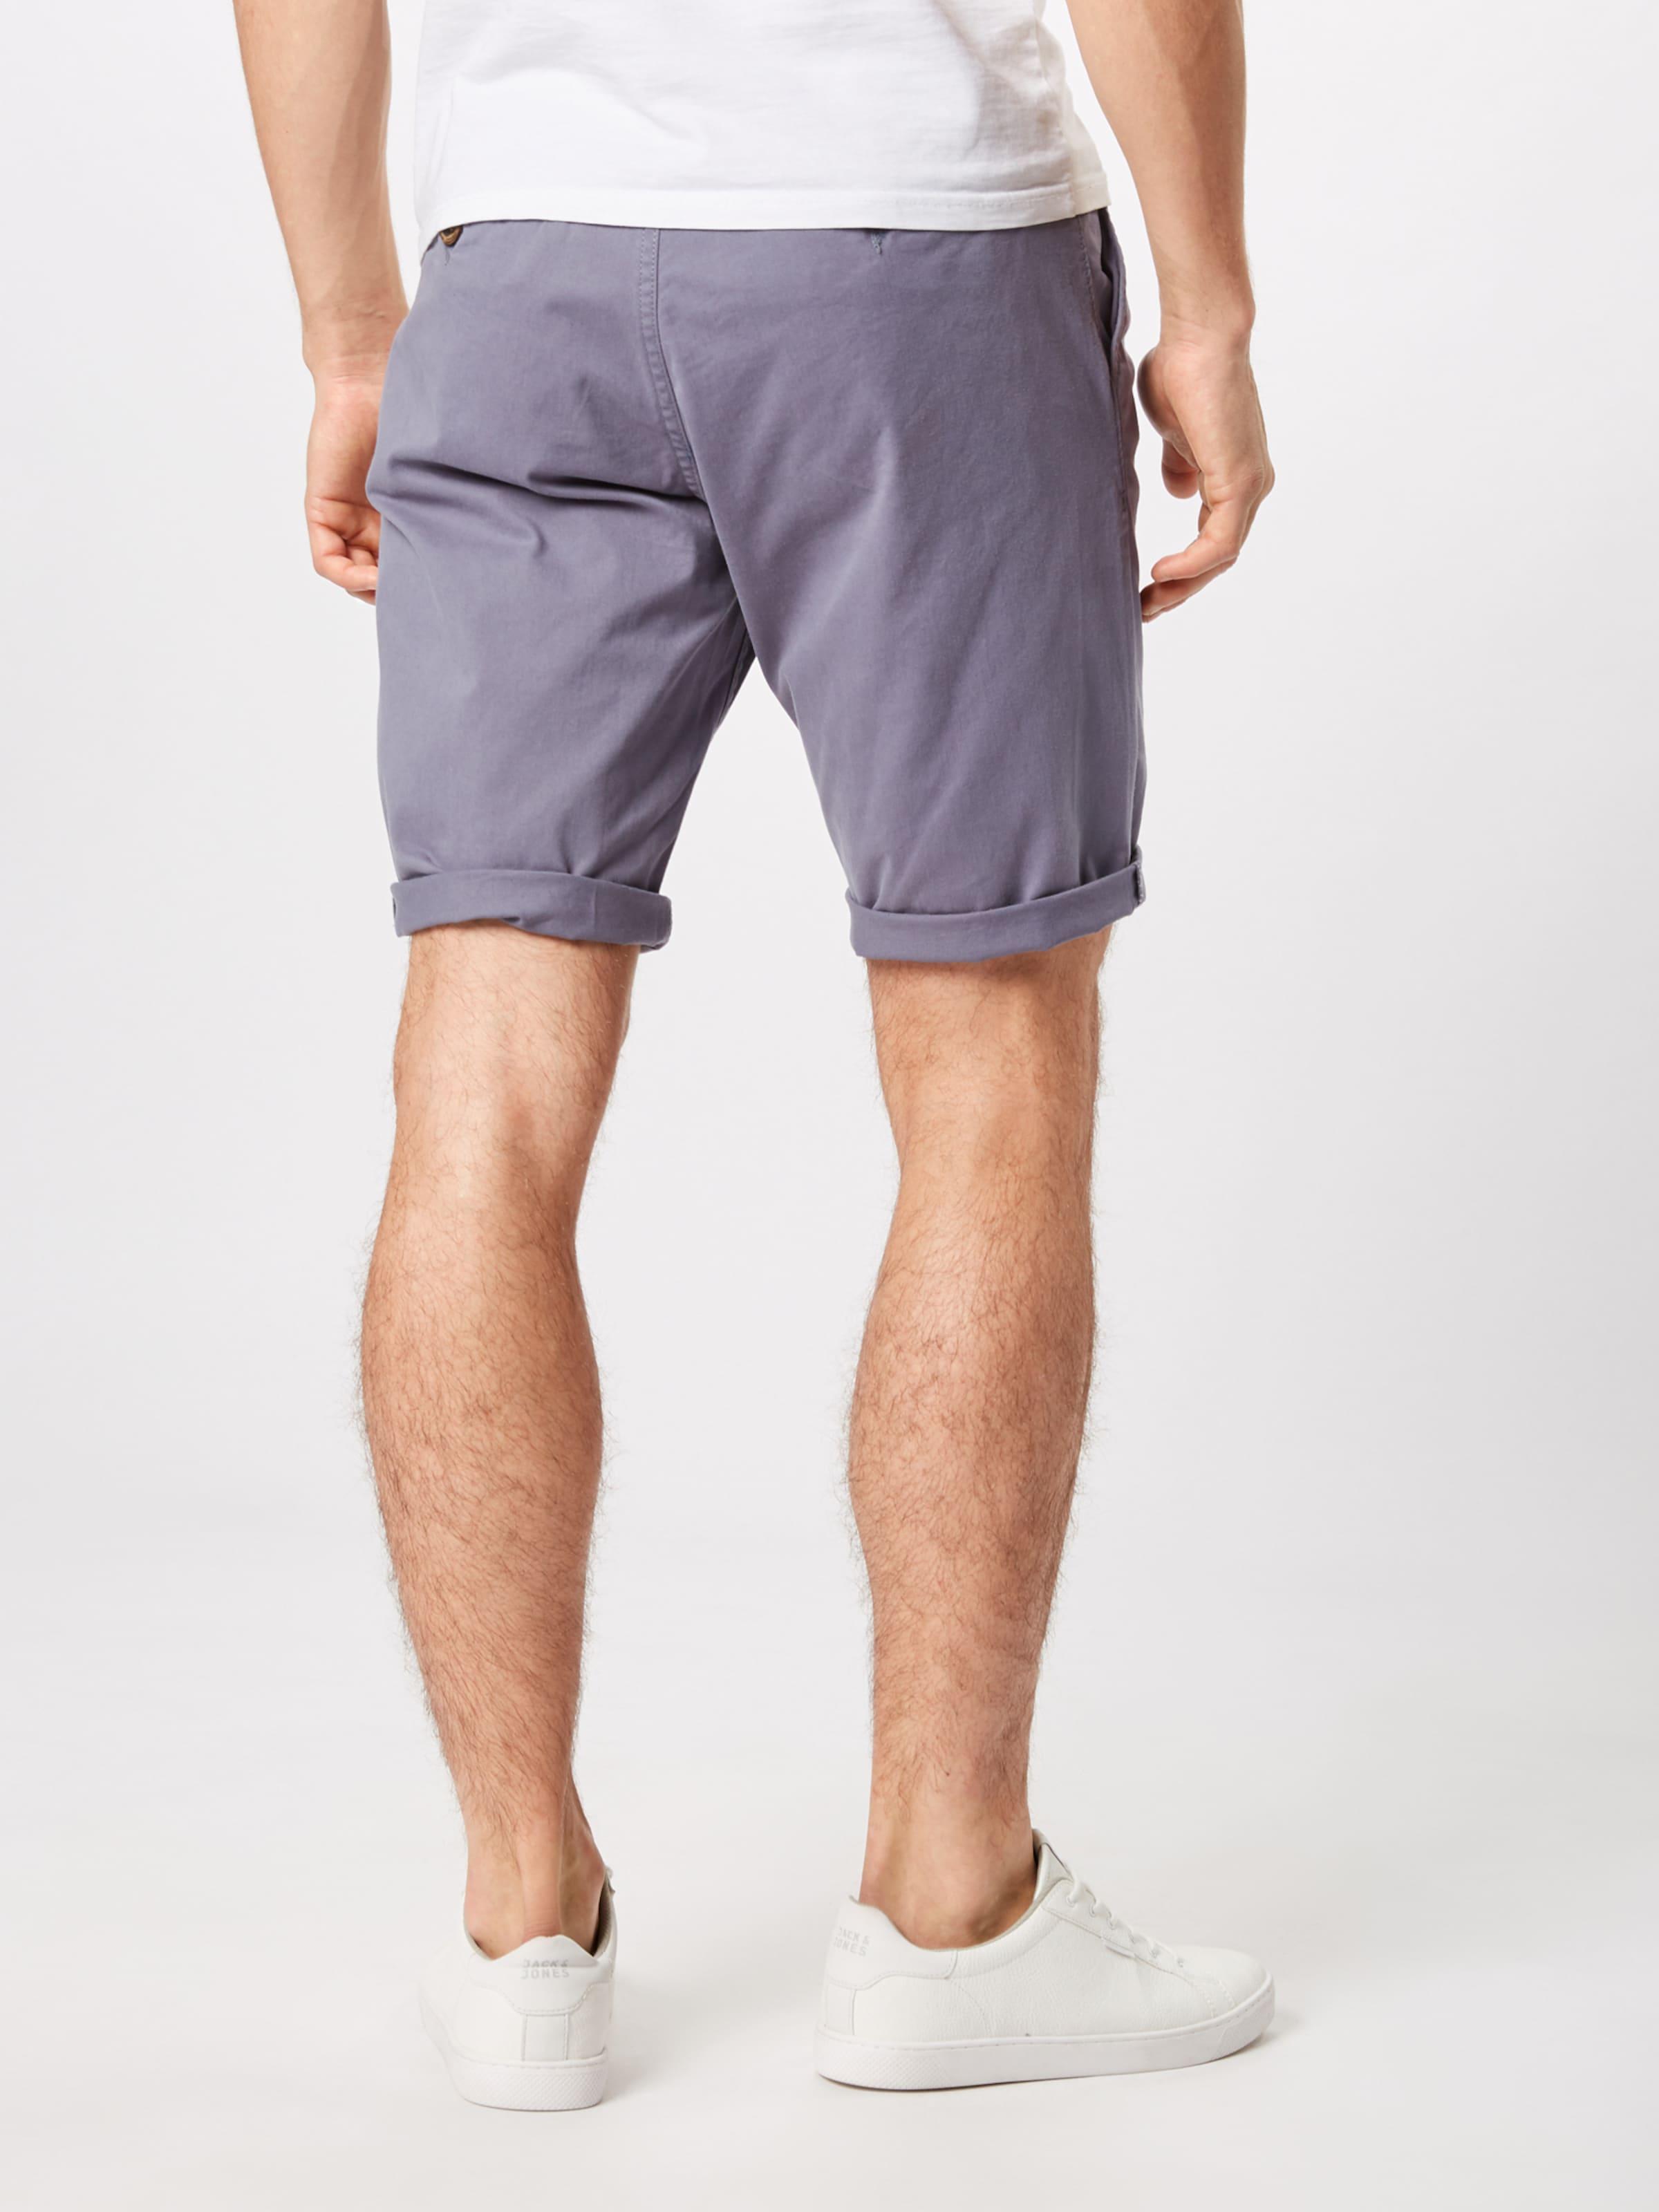 In Flieder Tailor Shorts Shorts Flieder Tailor Tom Tom Tailor Tom In n0kX8wNOP